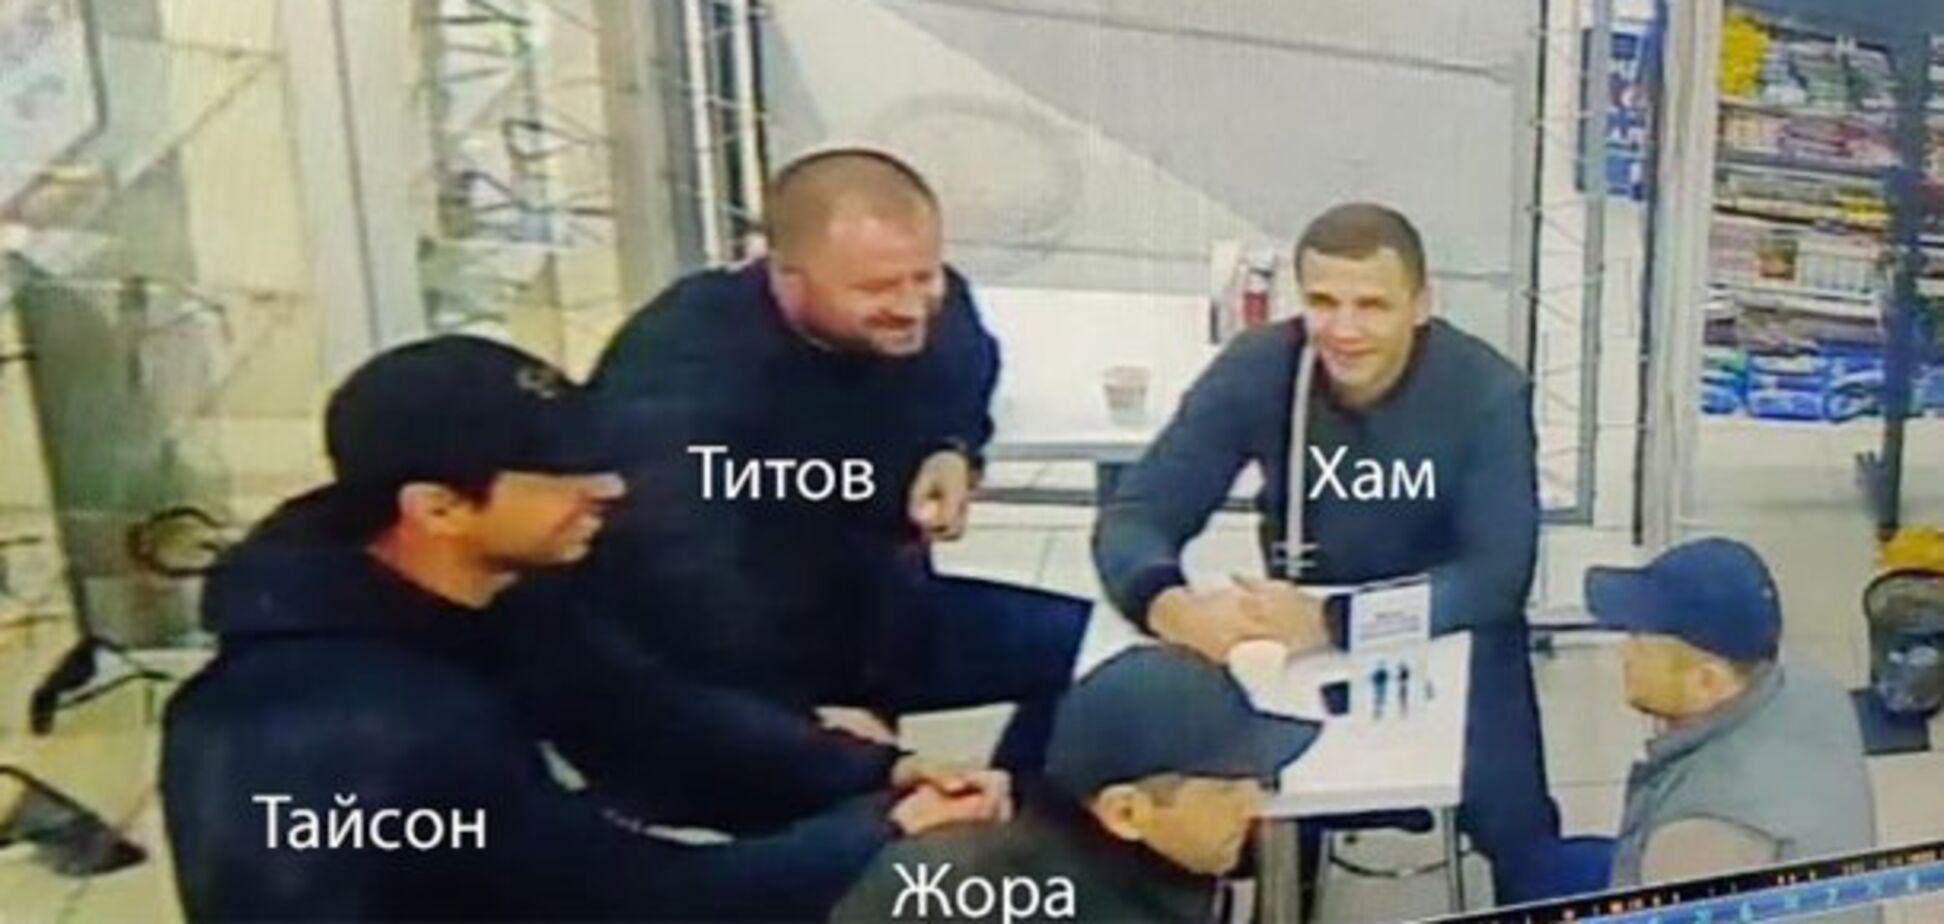 Веселые времена настали: послесловие к перестрелке в Харькове